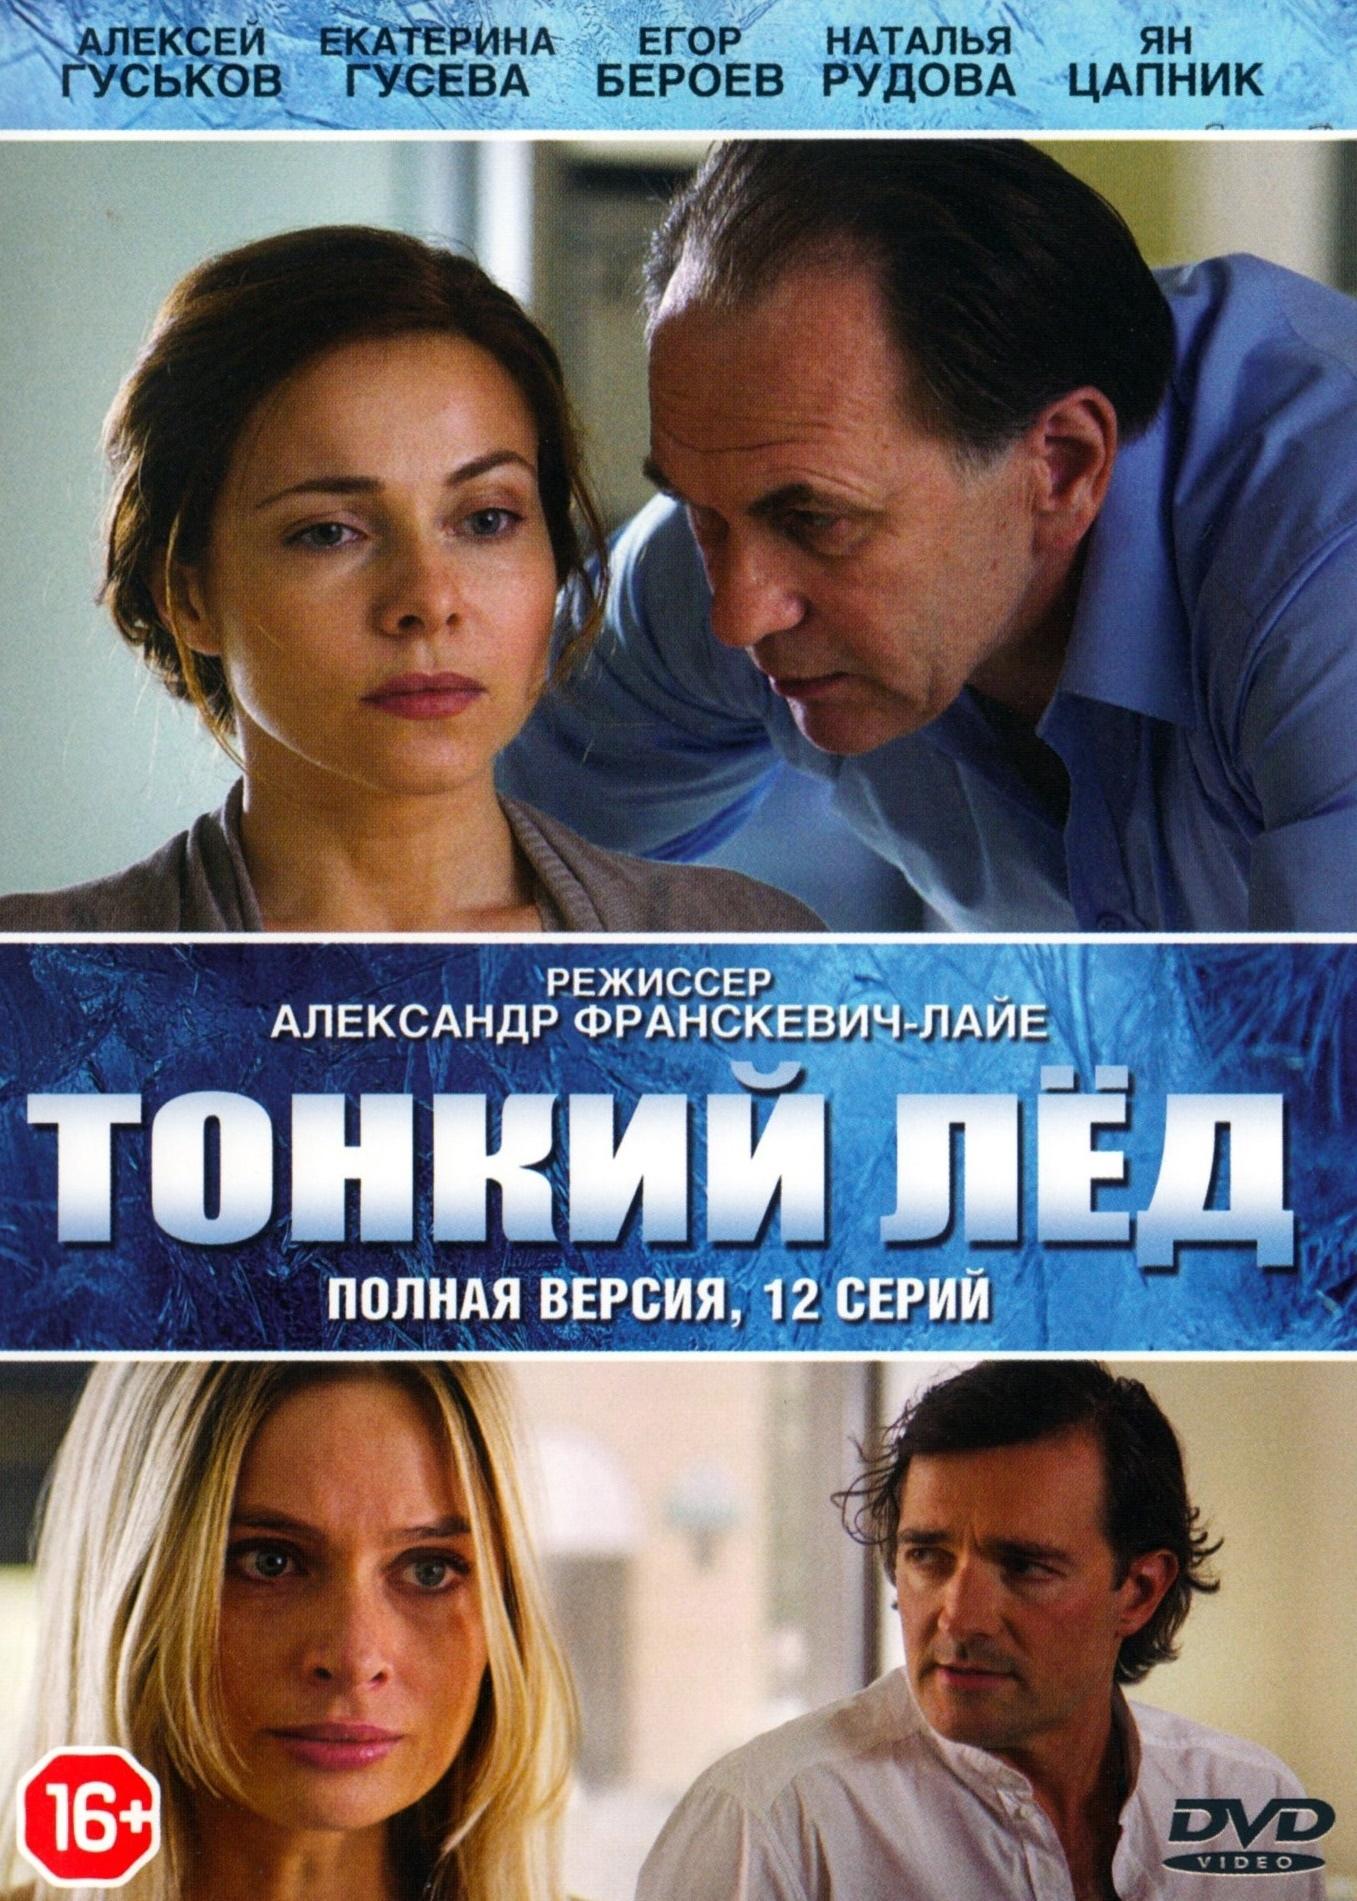 Семейная драма «Τoнкий лёд» (2016) 1-12 серия из 12 HD